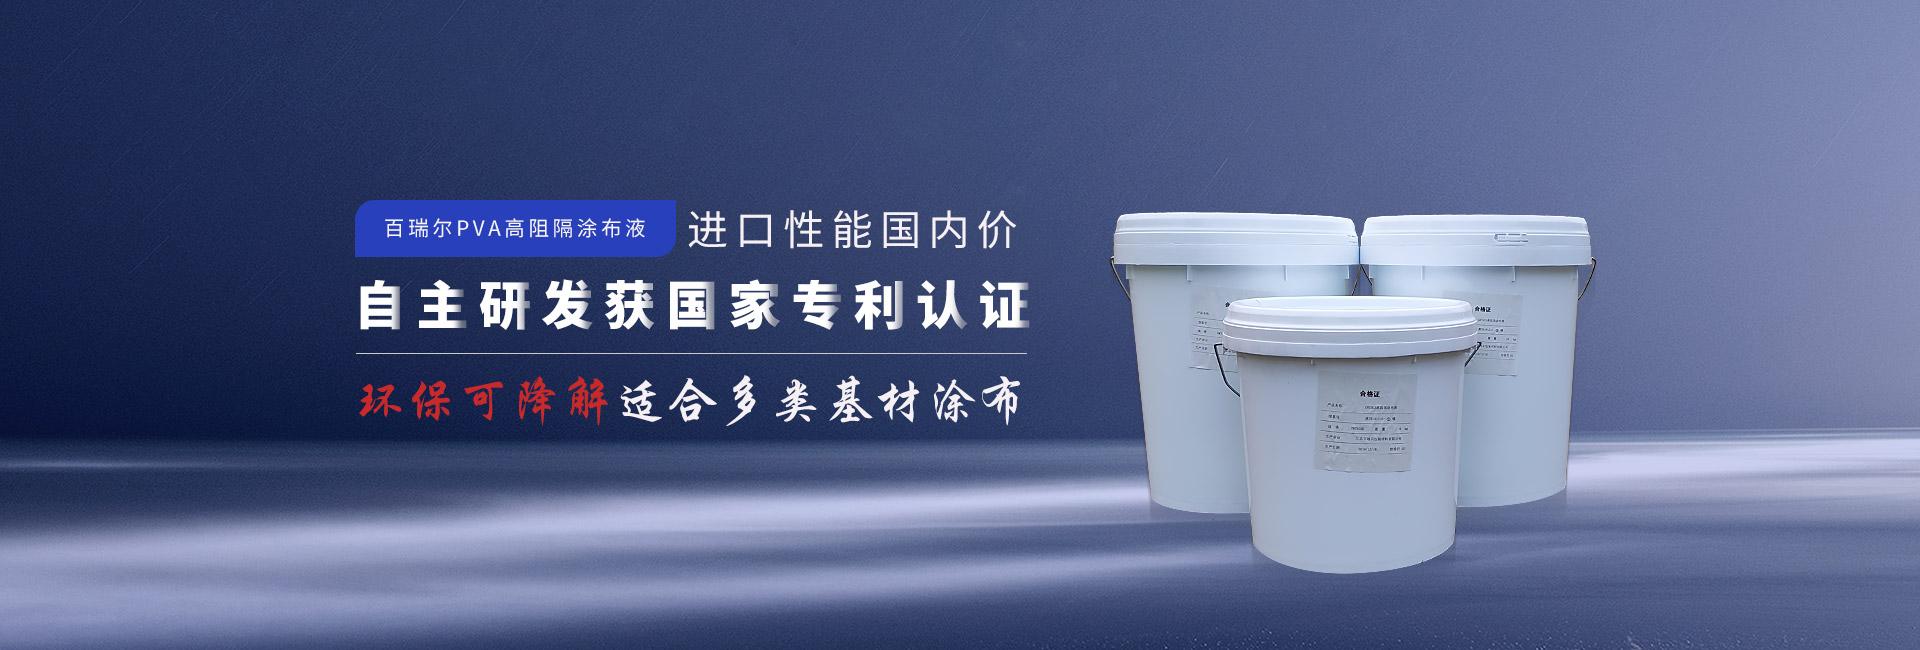 百瑞尔PVA高阻隔涂布液  进口性能国内价 自主研发获国家专利认证  环保可降解适合多类基材涂布